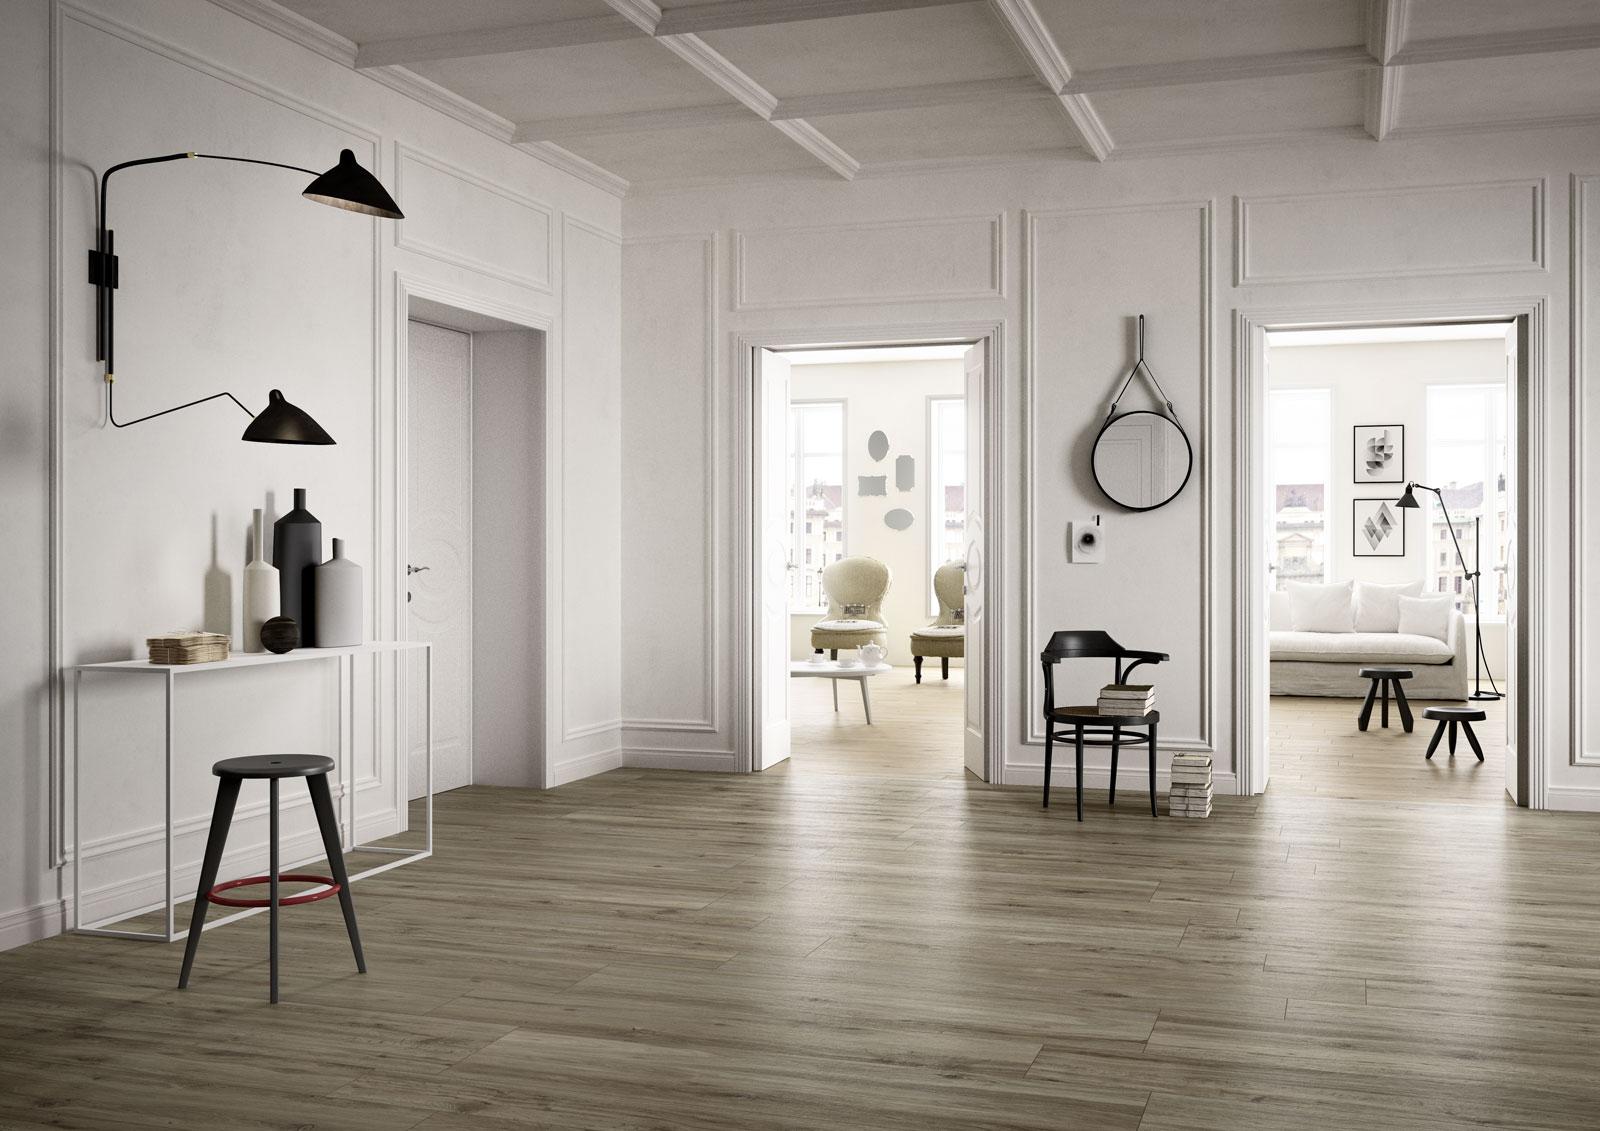 Treverktrend effetto legno rovere marazzi for Marazzi ceramiche effetto legno